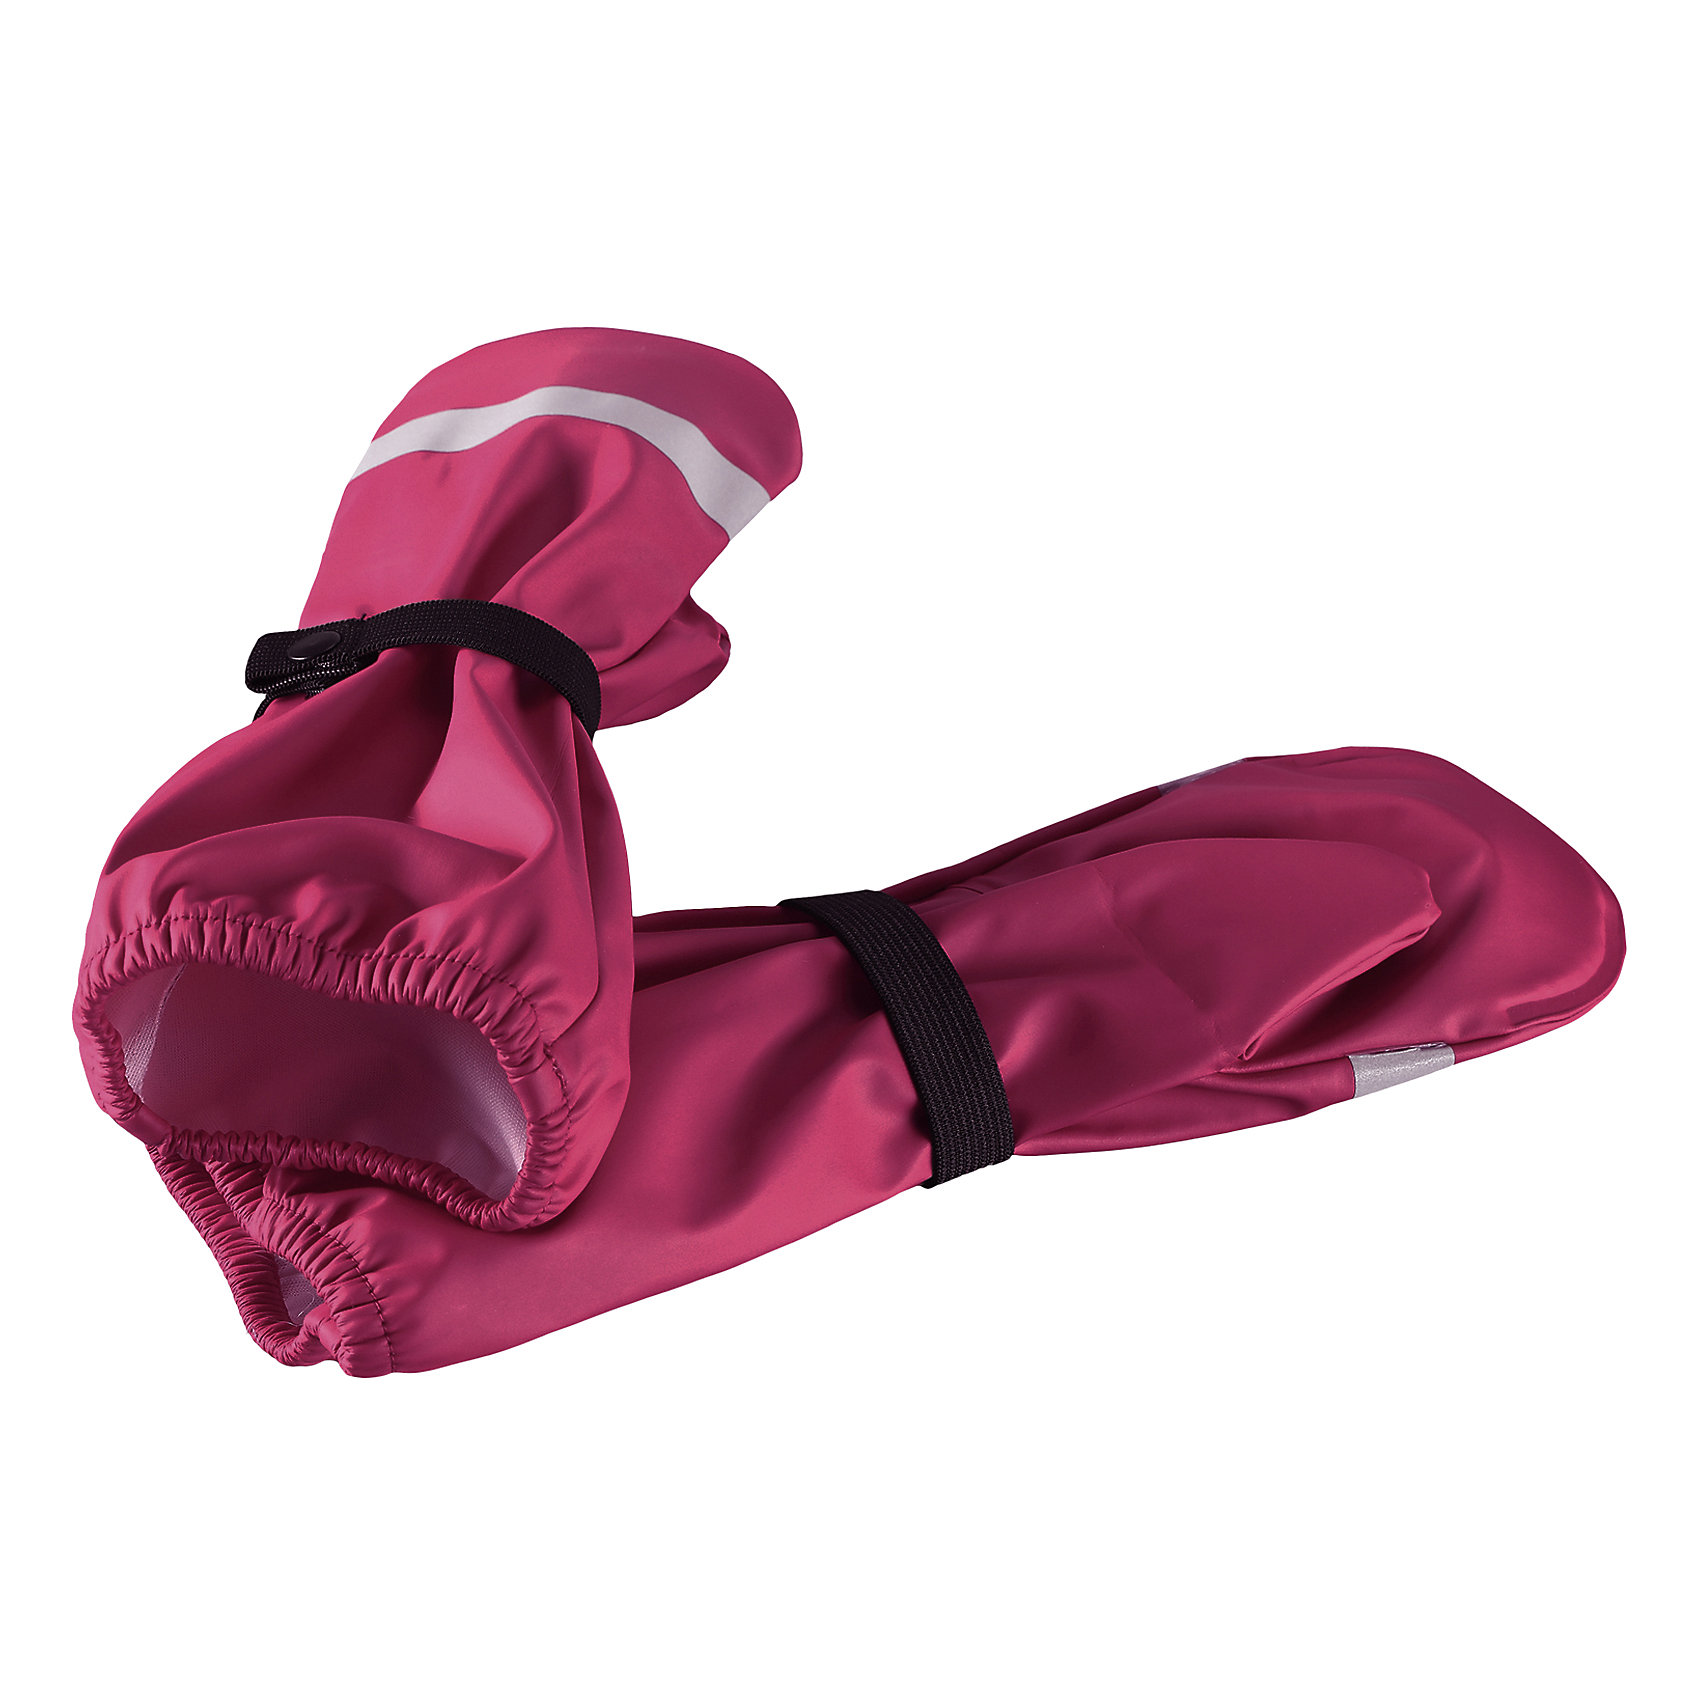 Дождевые варежки Reima KuraПерчатки, варежки<br>Характеристики товара:<br><br>• цвет: розовый;<br>• состав: 100% полиэстер;<br>• сезон: демисезон;<br>• непромокаемые варежки для дождливой погоды;<br>• запаянные швы, не пропускающие влагу;<br>• эластичный материал;<br>• без подкладки;<br>• без ПВХ;<br>• светоотражающие детали;<br>• страна бренда: Финляндия;<br>• страна изготовитель: Китай.<br><br>Непромокаемые варежки для малышей станут отличным решением, если крохе вдруг понадобится исследовать лужи на четвереньках. Эта демисезонная модель без подкладки изготовлена из эластичного и безопасного материала, не содержащего ПВХ. Благодаря запаянным швам, варежки останутся сухими.<br><br>Дождевые варежки Reima Kura от финского бренда Reima (Рейма) можно купить в нашем интернет-магазине.<br><br>Ширина мм: 162<br>Глубина мм: 171<br>Высота мм: 55<br>Вес г: 119<br>Цвет: розовый<br>Возраст от месяцев: 72<br>Возраст до месяцев: 96<br>Пол: Унисекс<br>Возраст: Детский<br>Размер: 5,1,2,3,4<br>SKU: 6902047